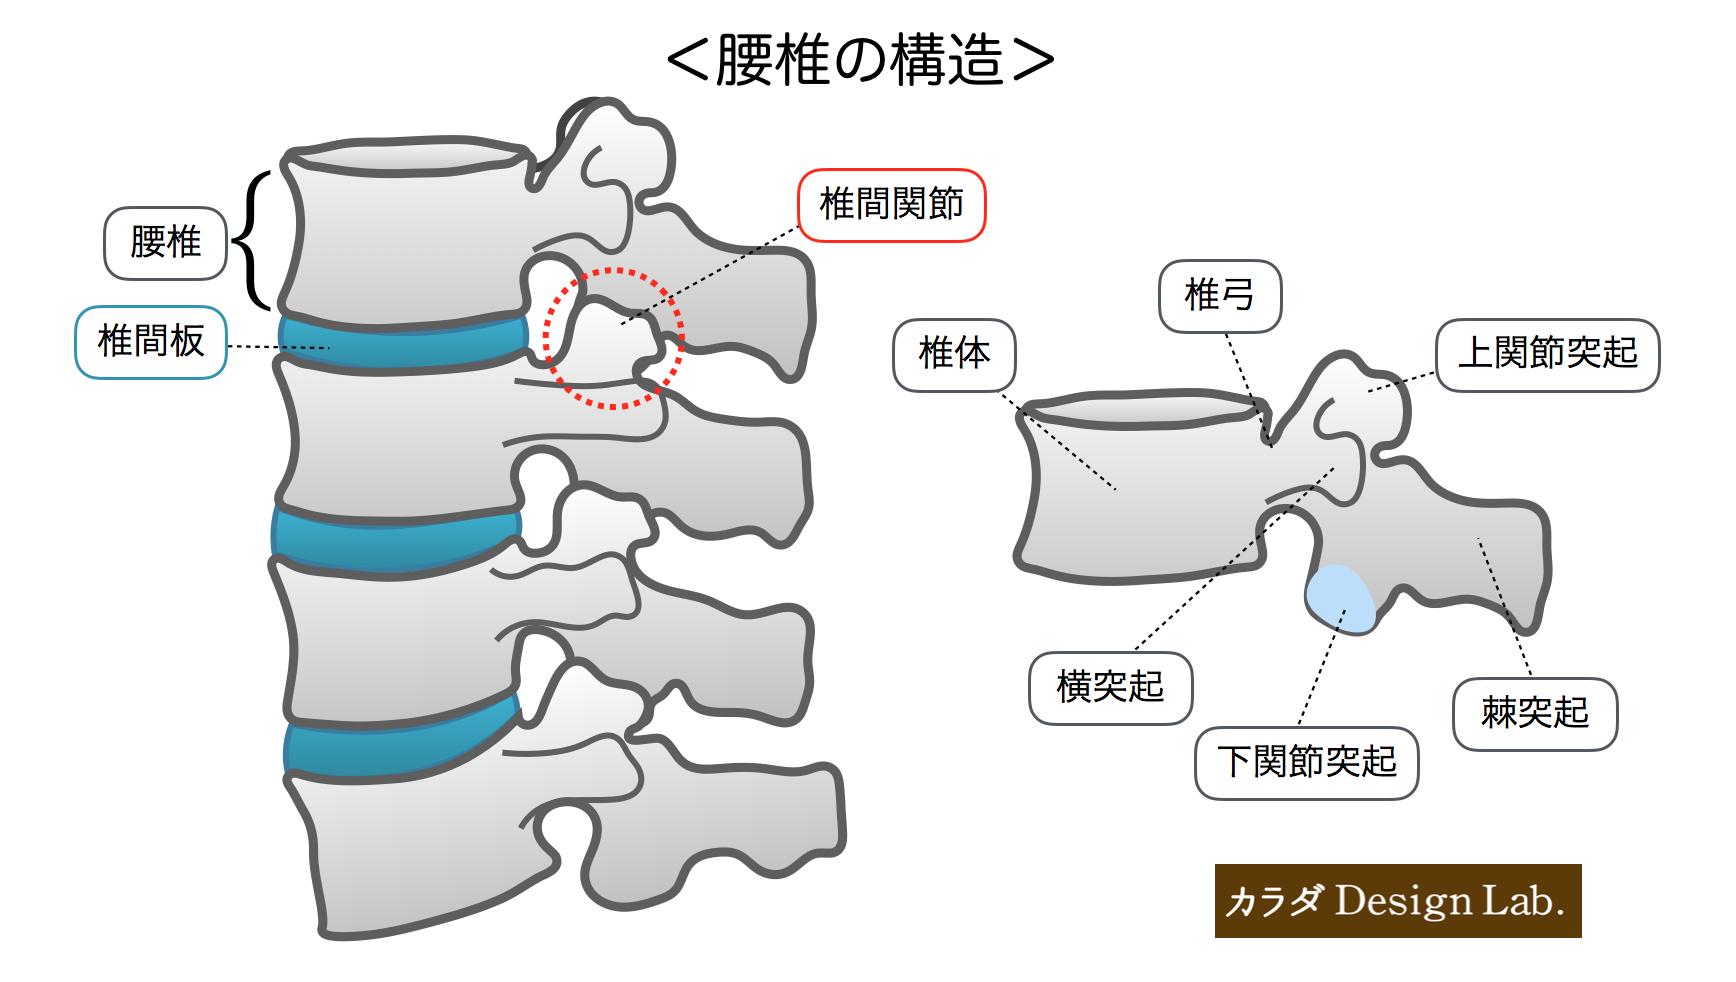 腰椎の構造